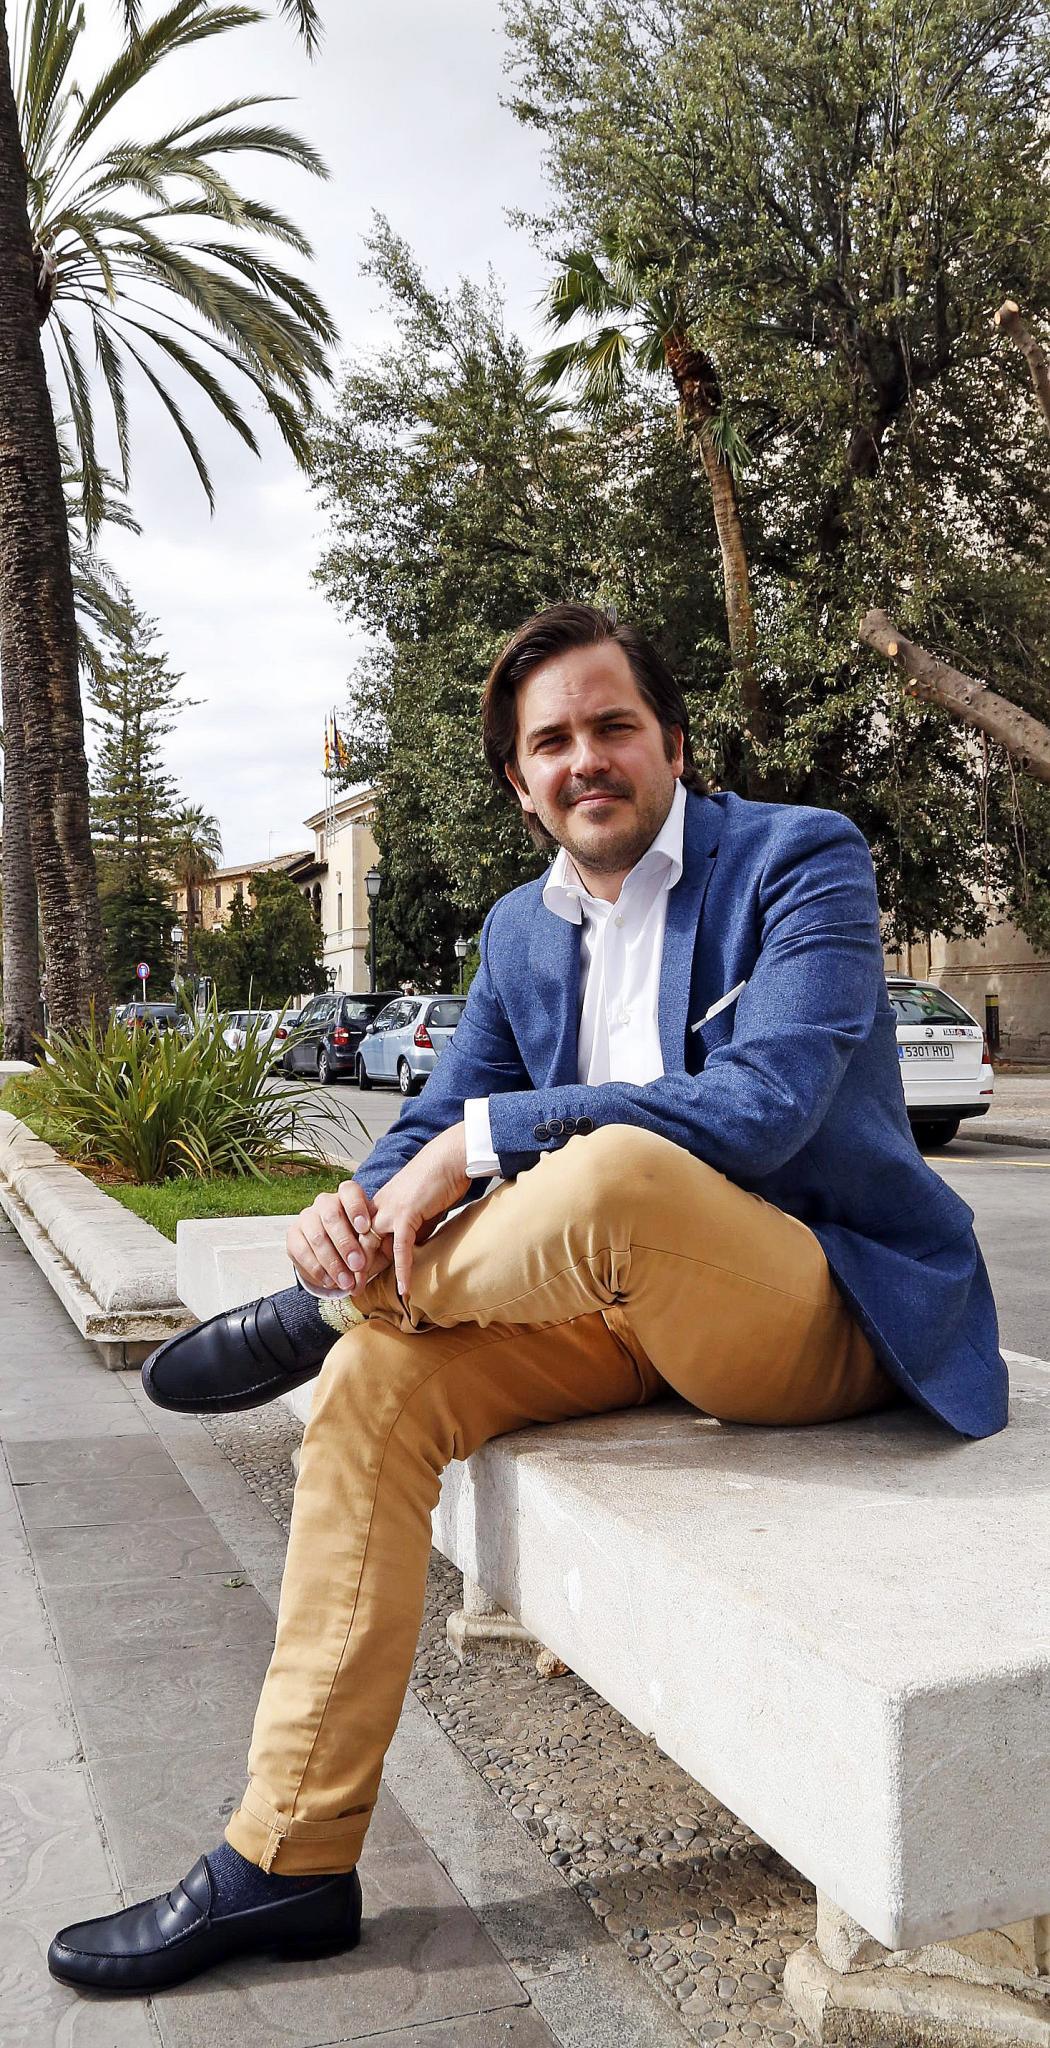 Gärtner Mallorca ein prinz und gärtner auf mallorca